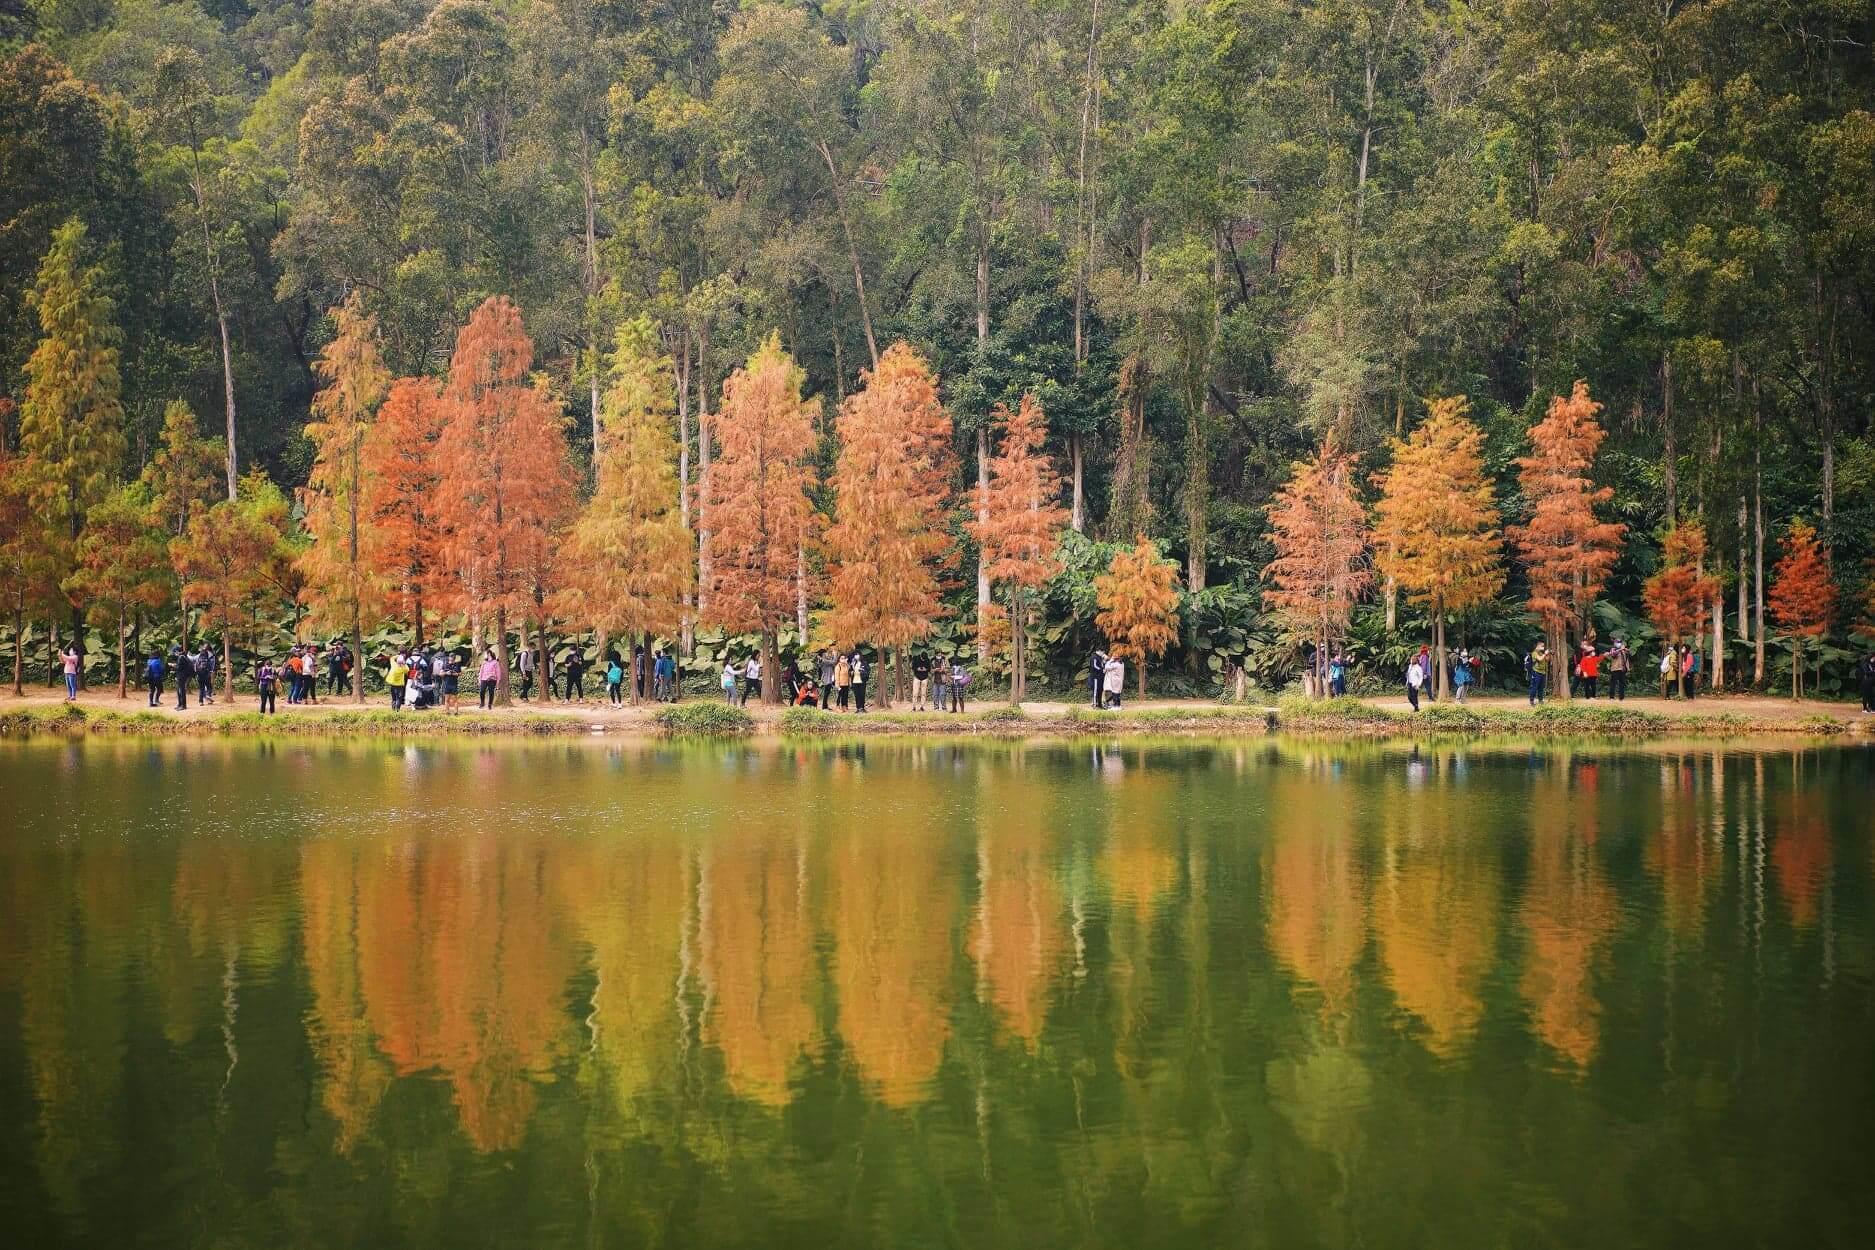 落羽松加上港版「天空之鏡」的流水響水塘,景色非常浪漫。